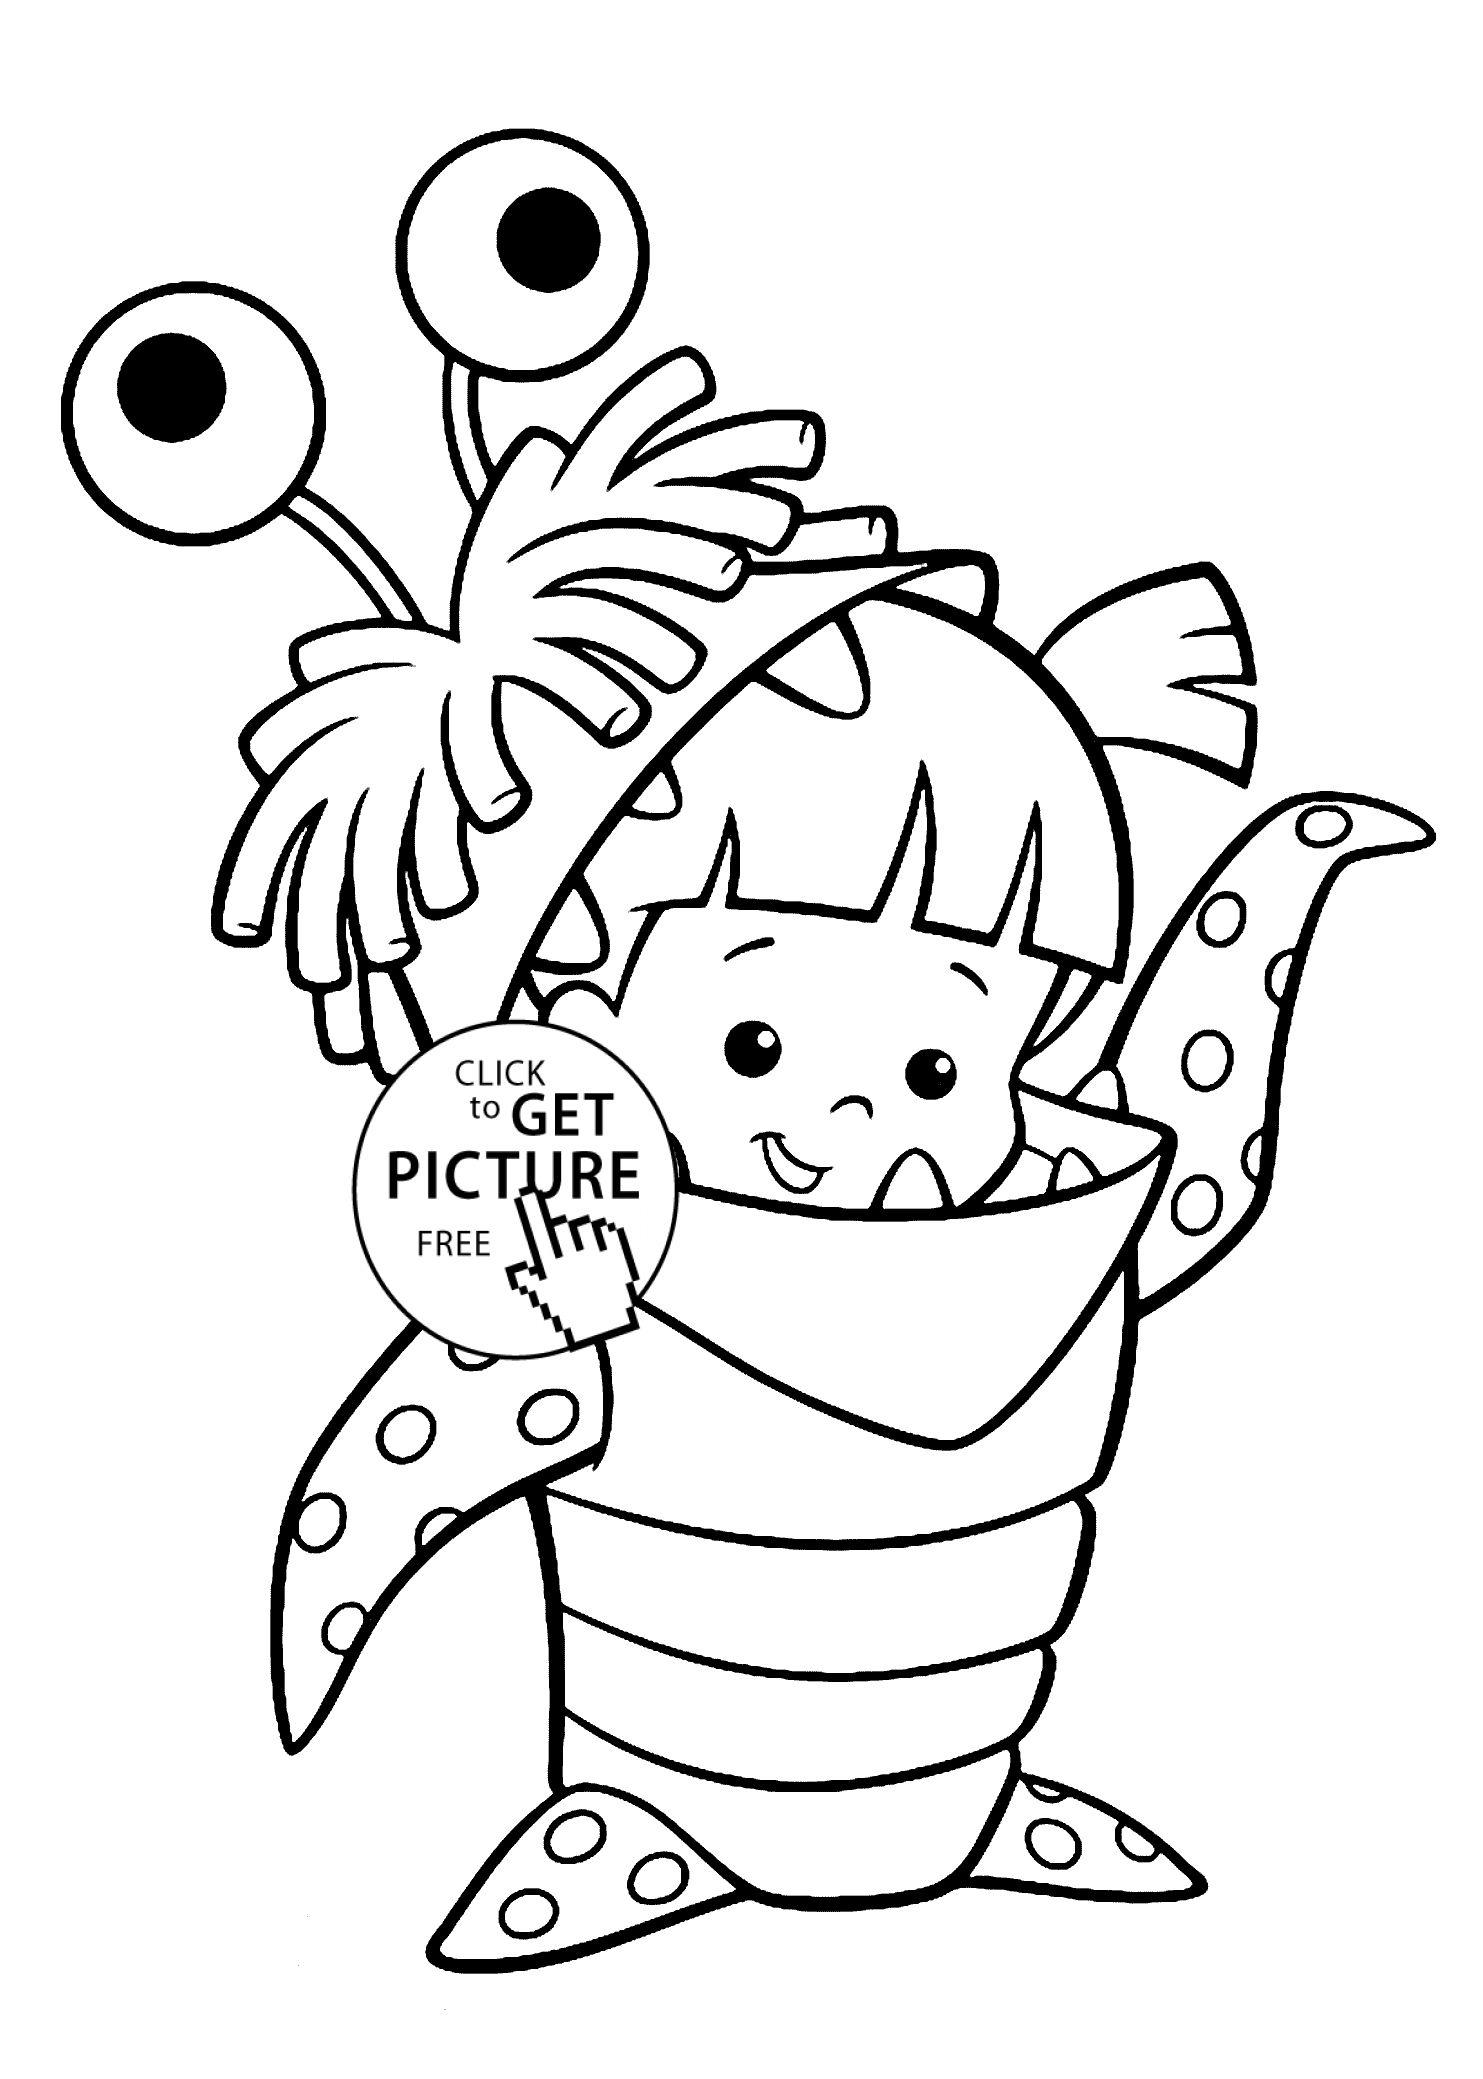 Monsters Inc Boo Coloring Pages Download Gambar Pensil Pola Gambar